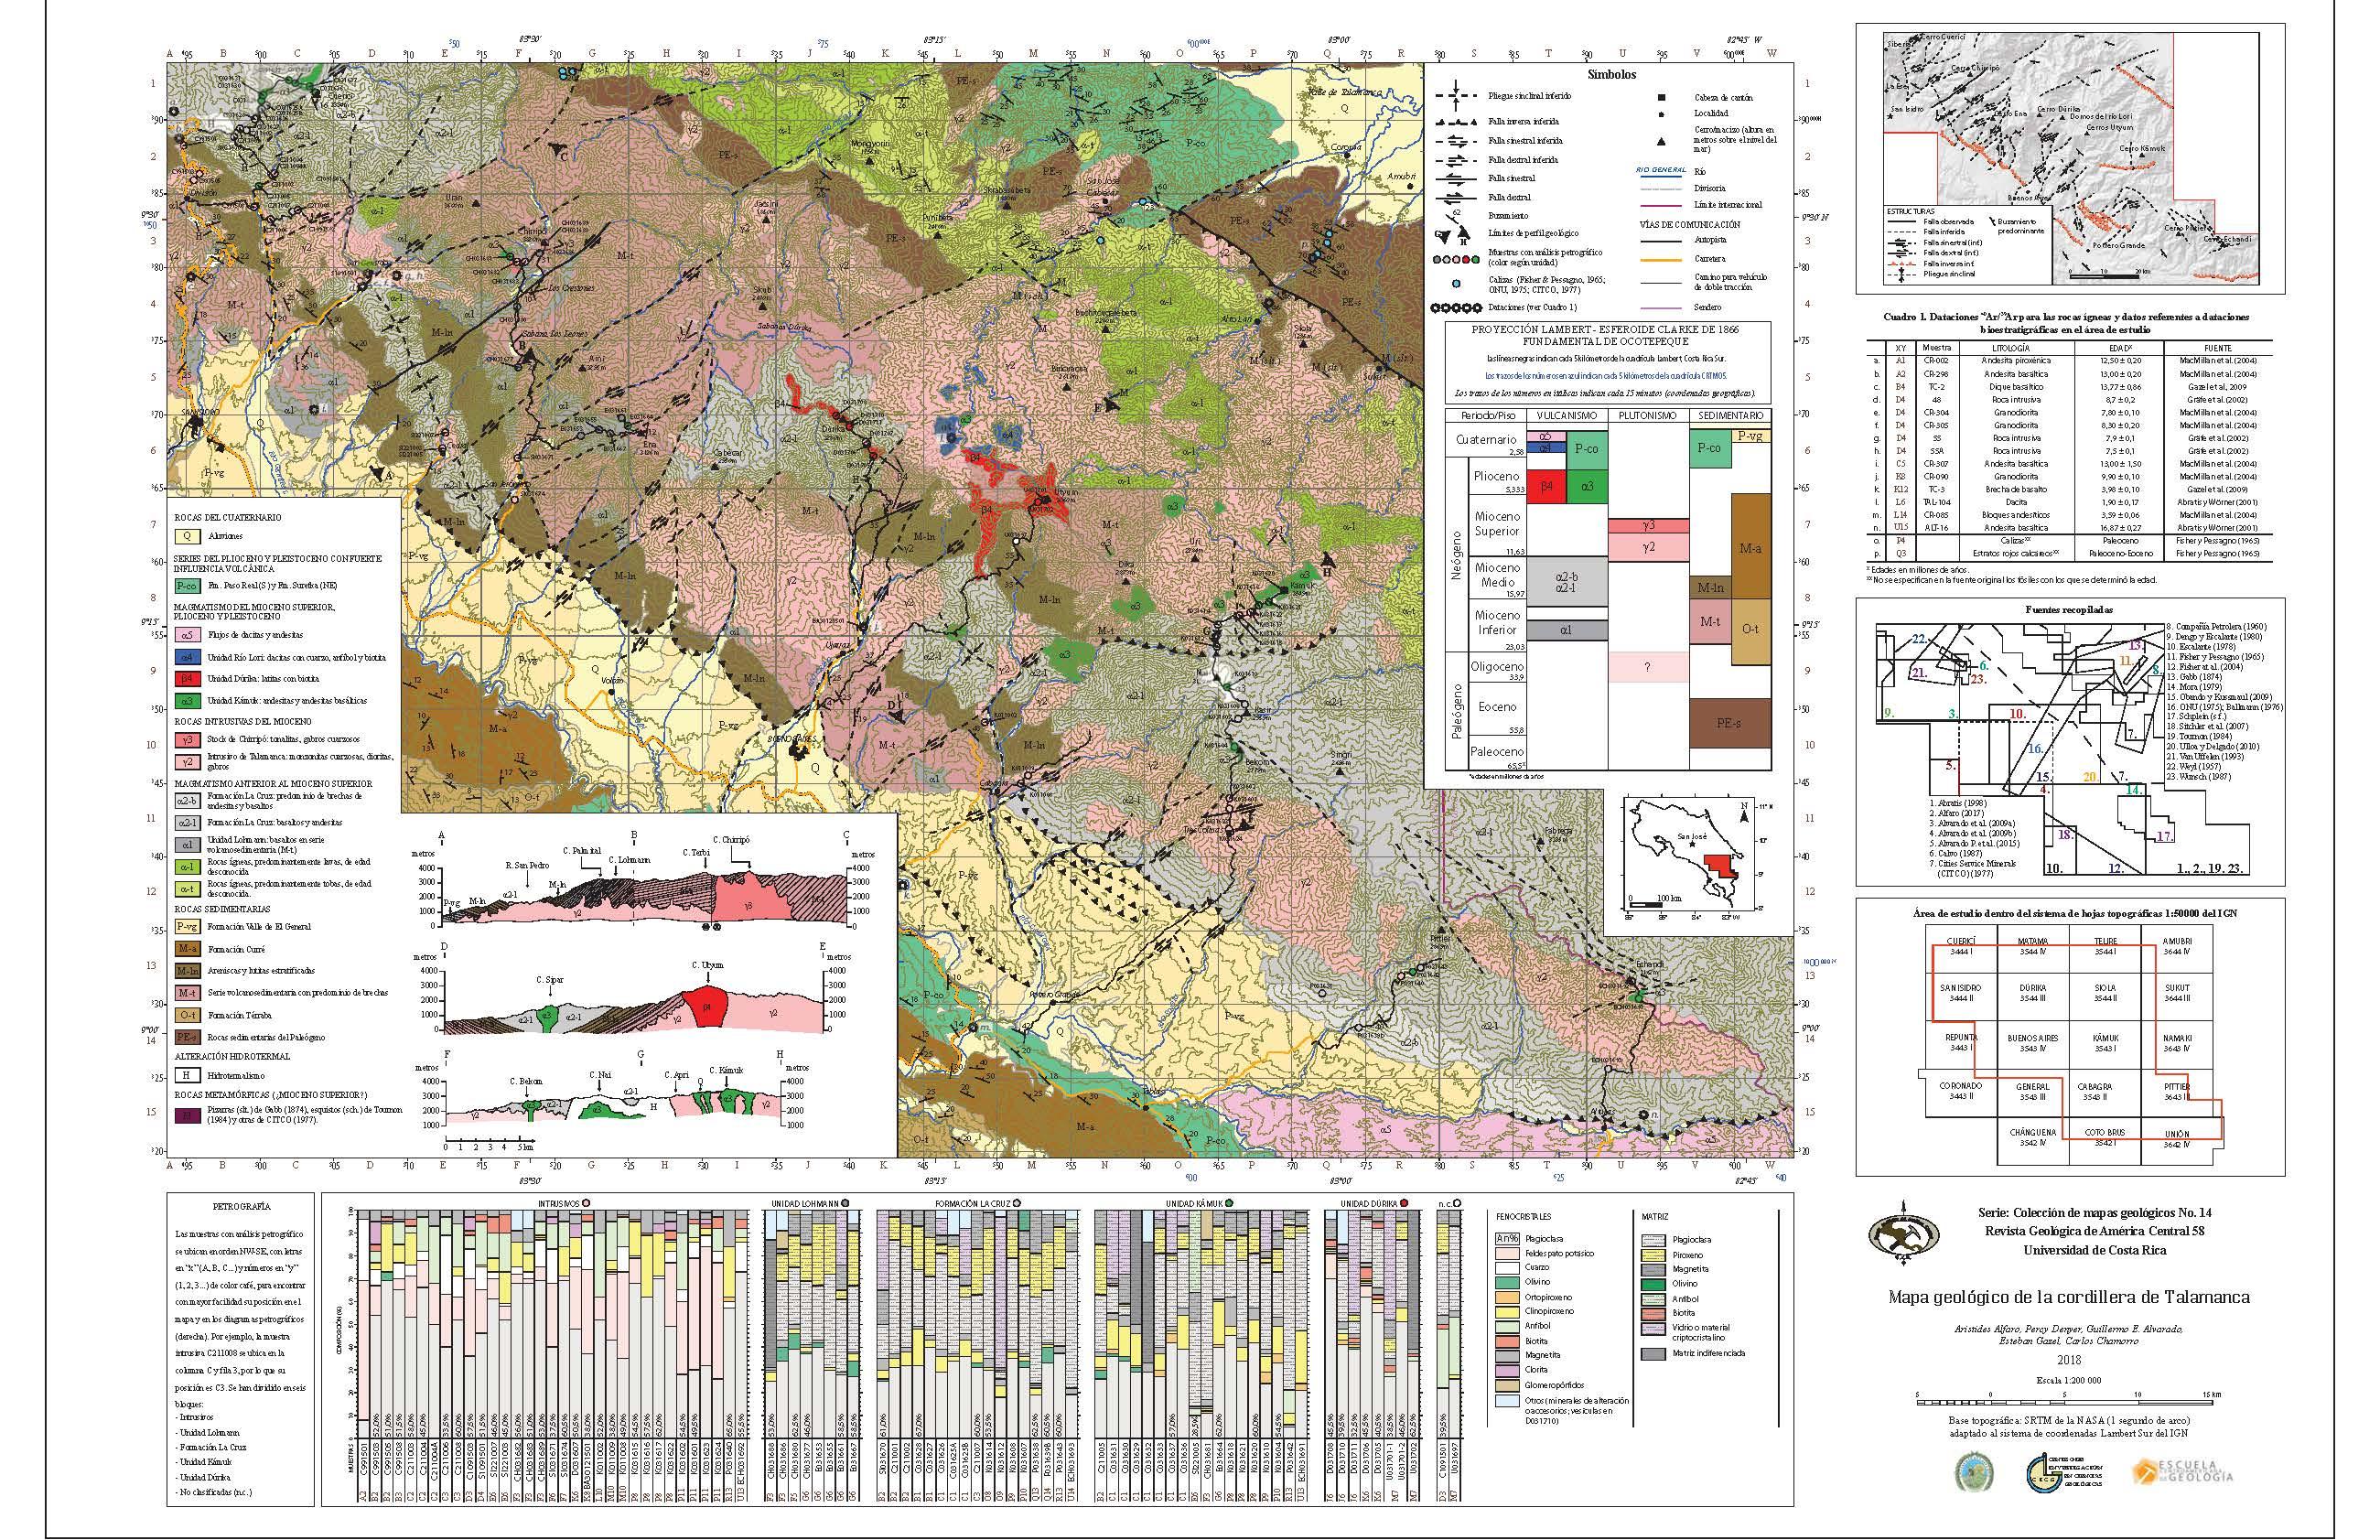 Mapa geológico adjunto para descarga en la barra lateral derecha en Herramientas del artículo>Archivos complementarios